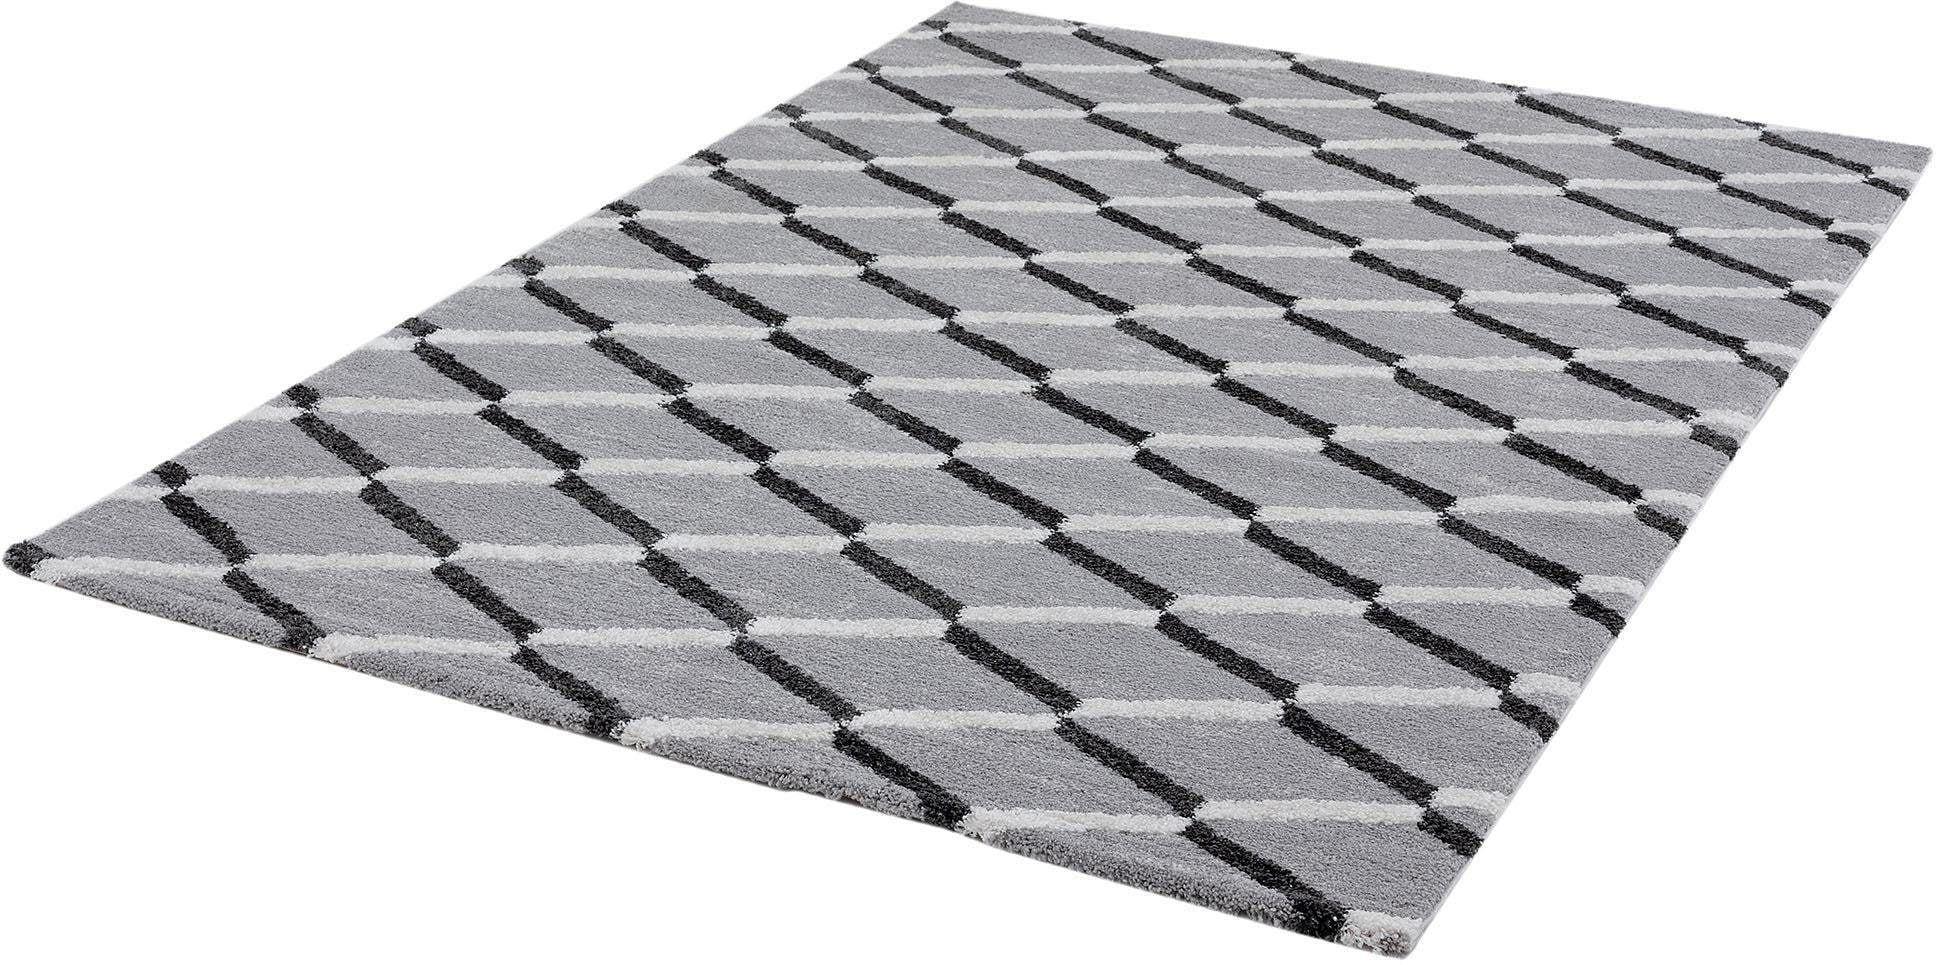 Teppich Troya 3305 Sanat Teppiche rechteckig Höhe 13 mm maschinell gewebt